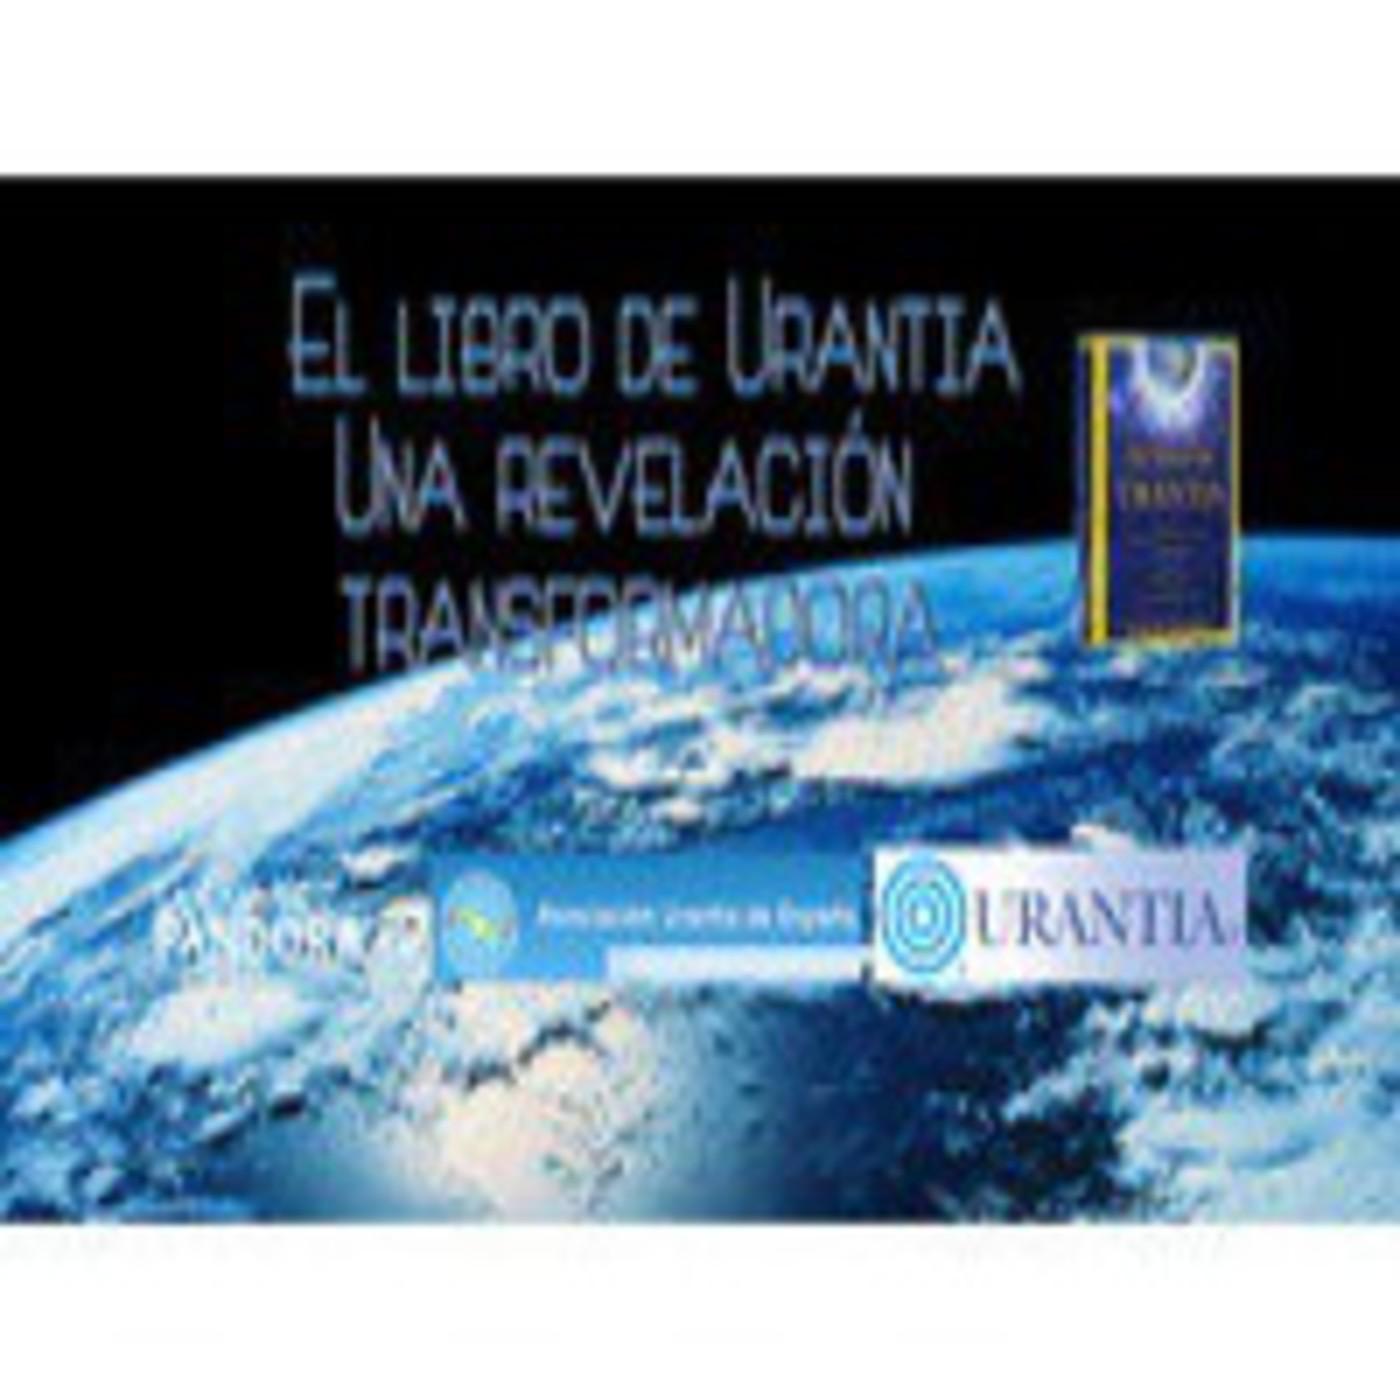 El libro de Urantia, una revelación transformadora - Presentado por Carmelo Martinez